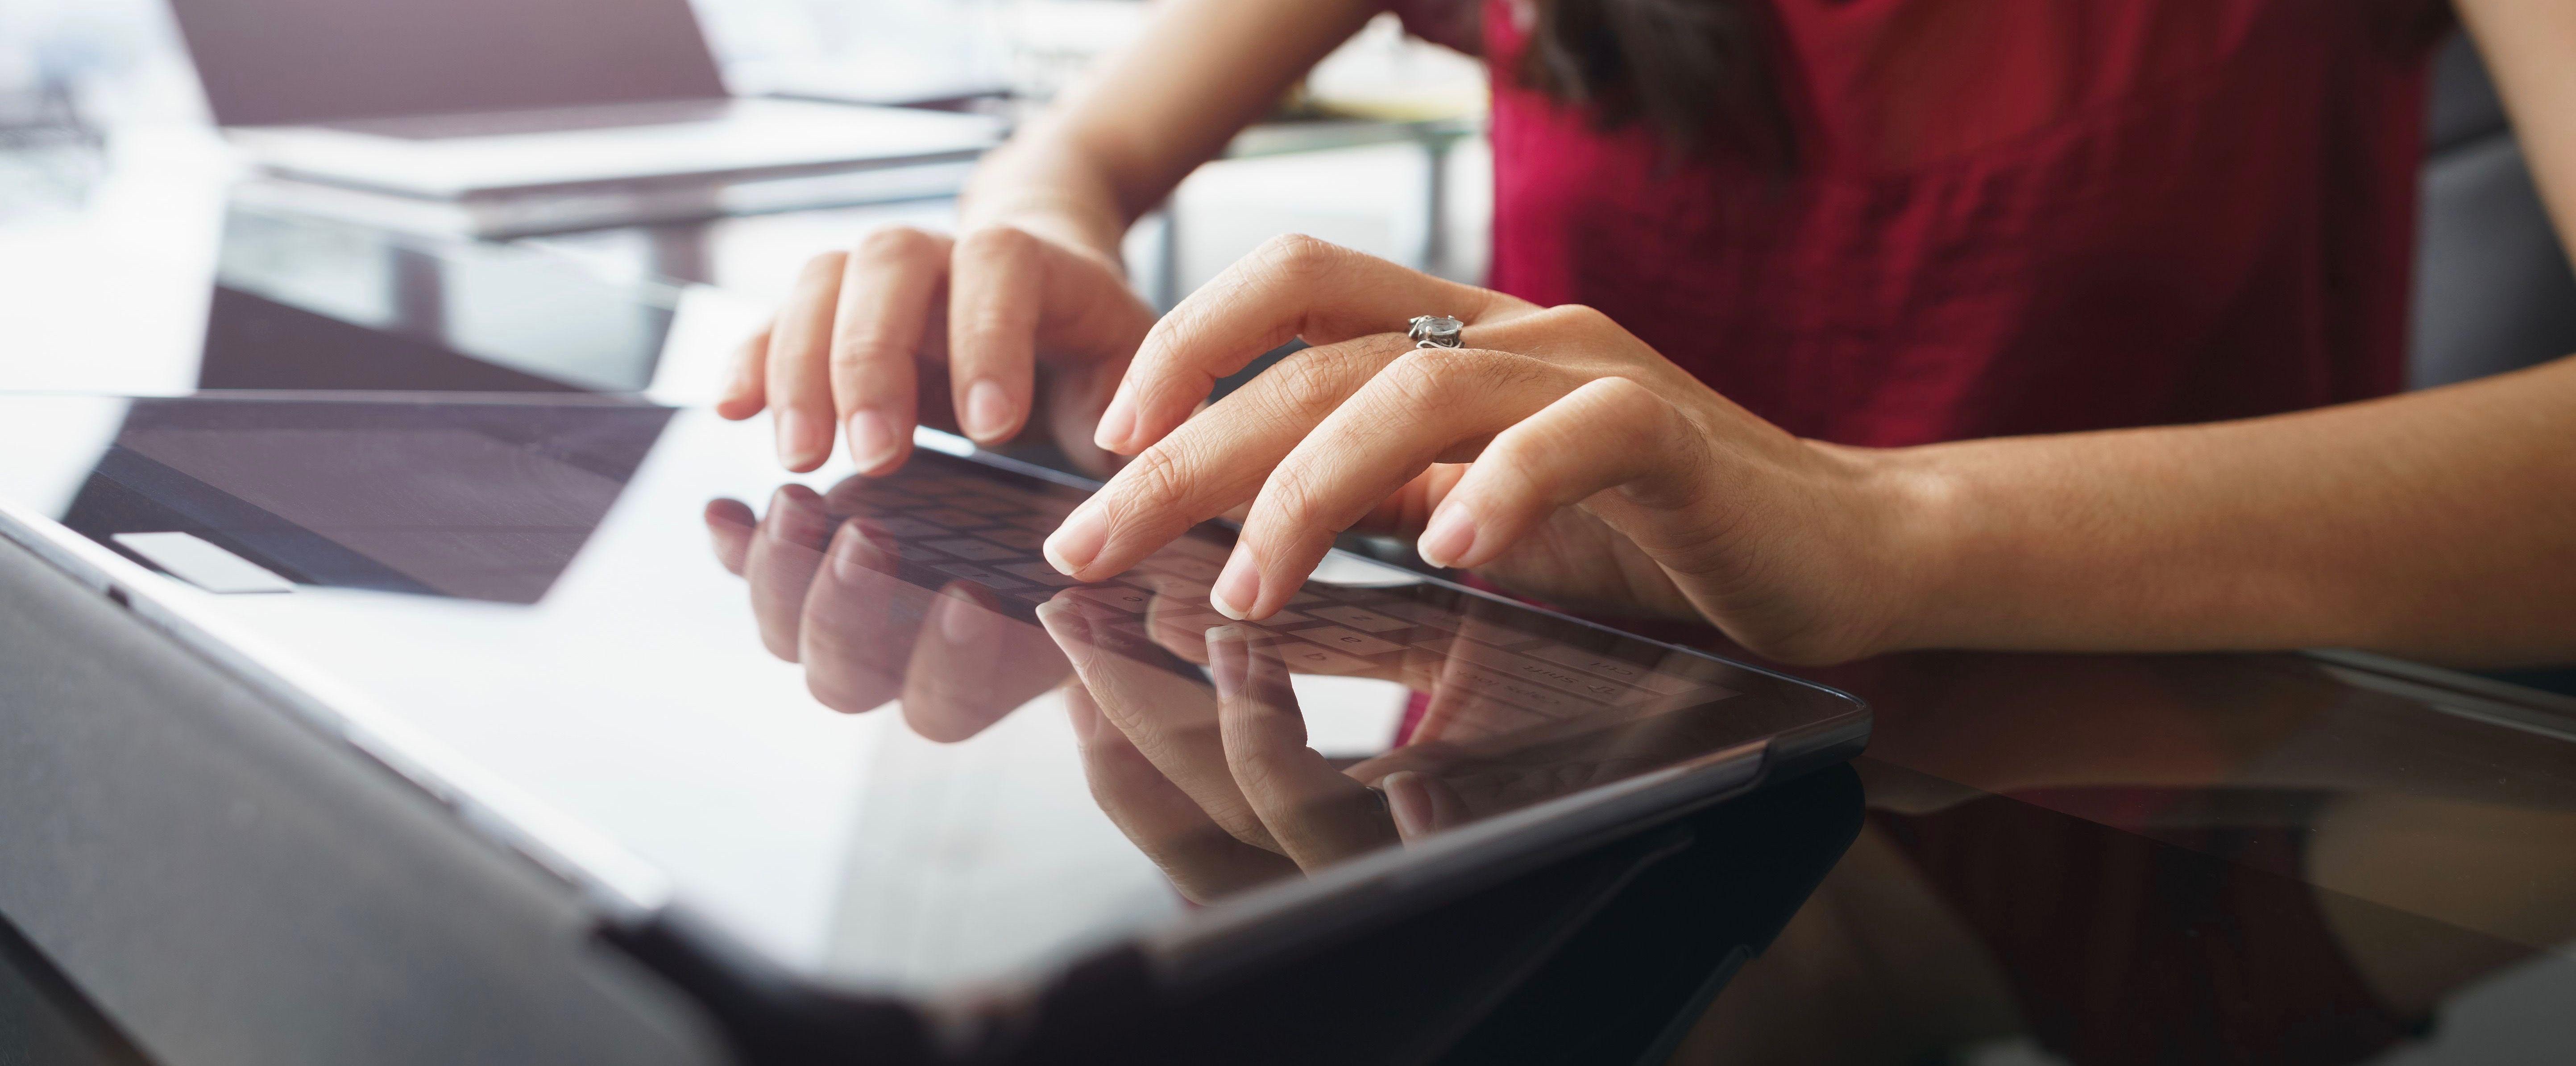 5 Herramientas y aplicaciones que serán tu próximo asistente personal